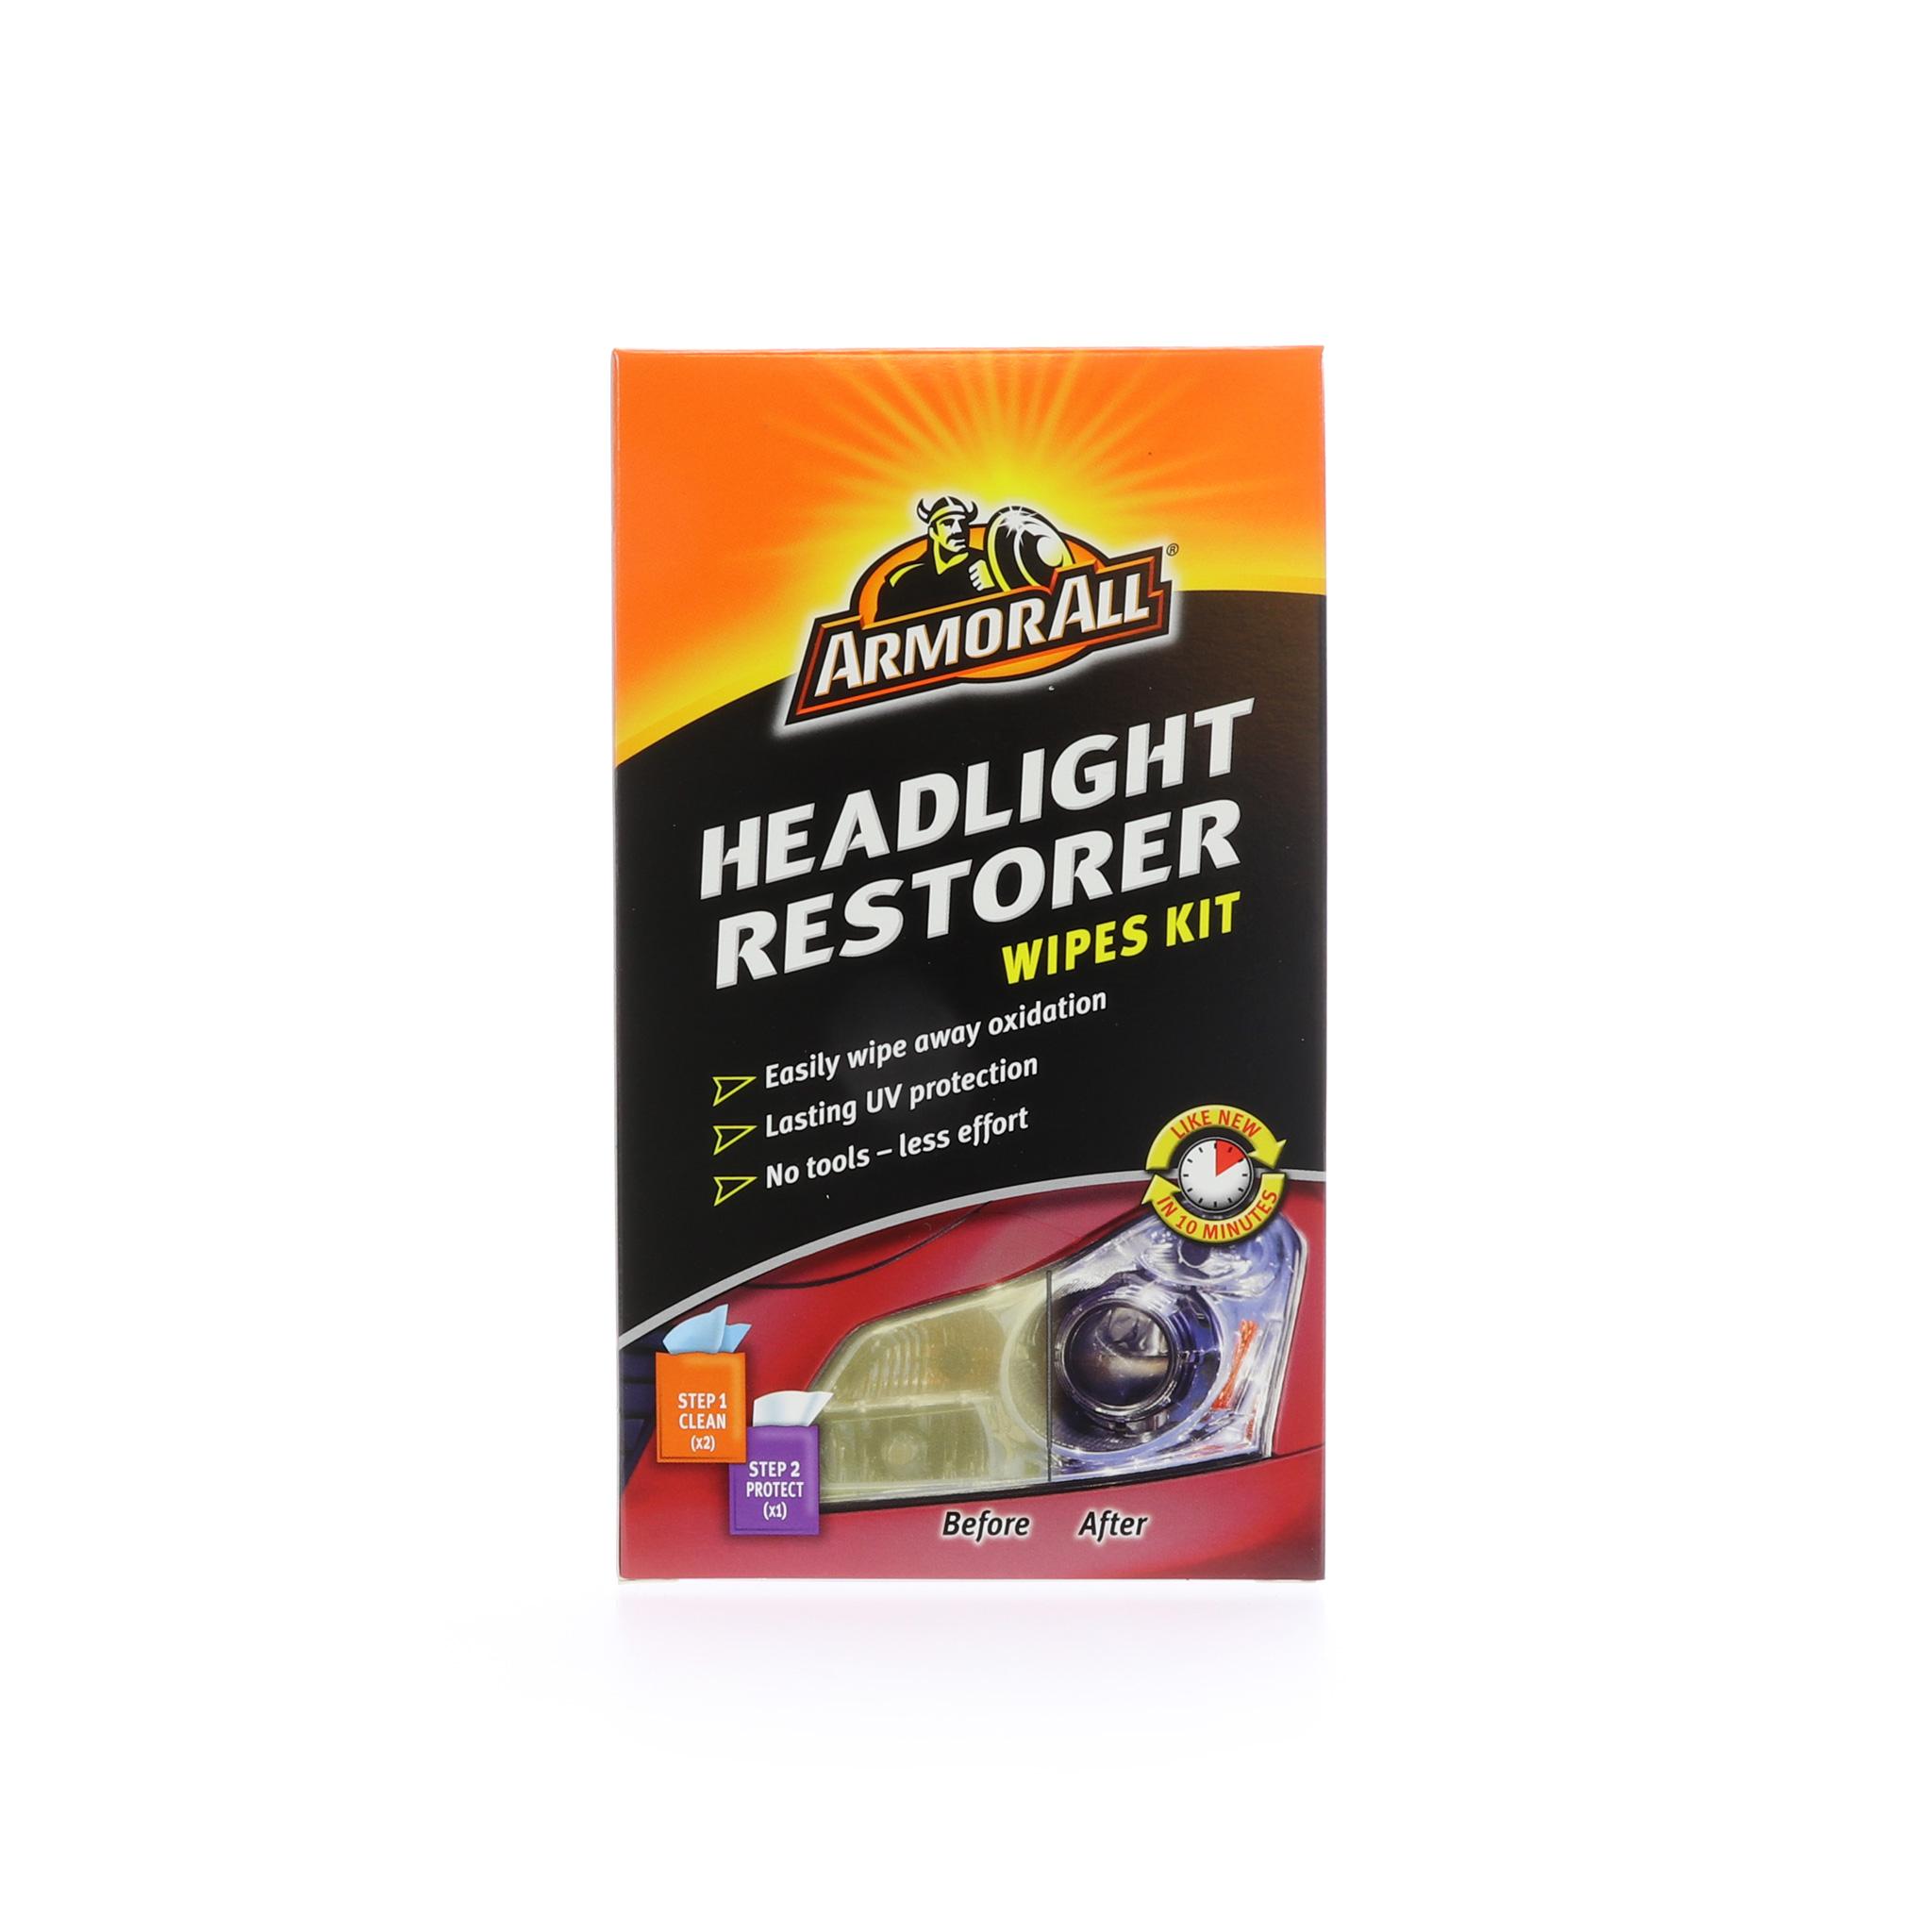 Återställningsduk Strålkastare Armor All Headlight Restorer Wipes Kit